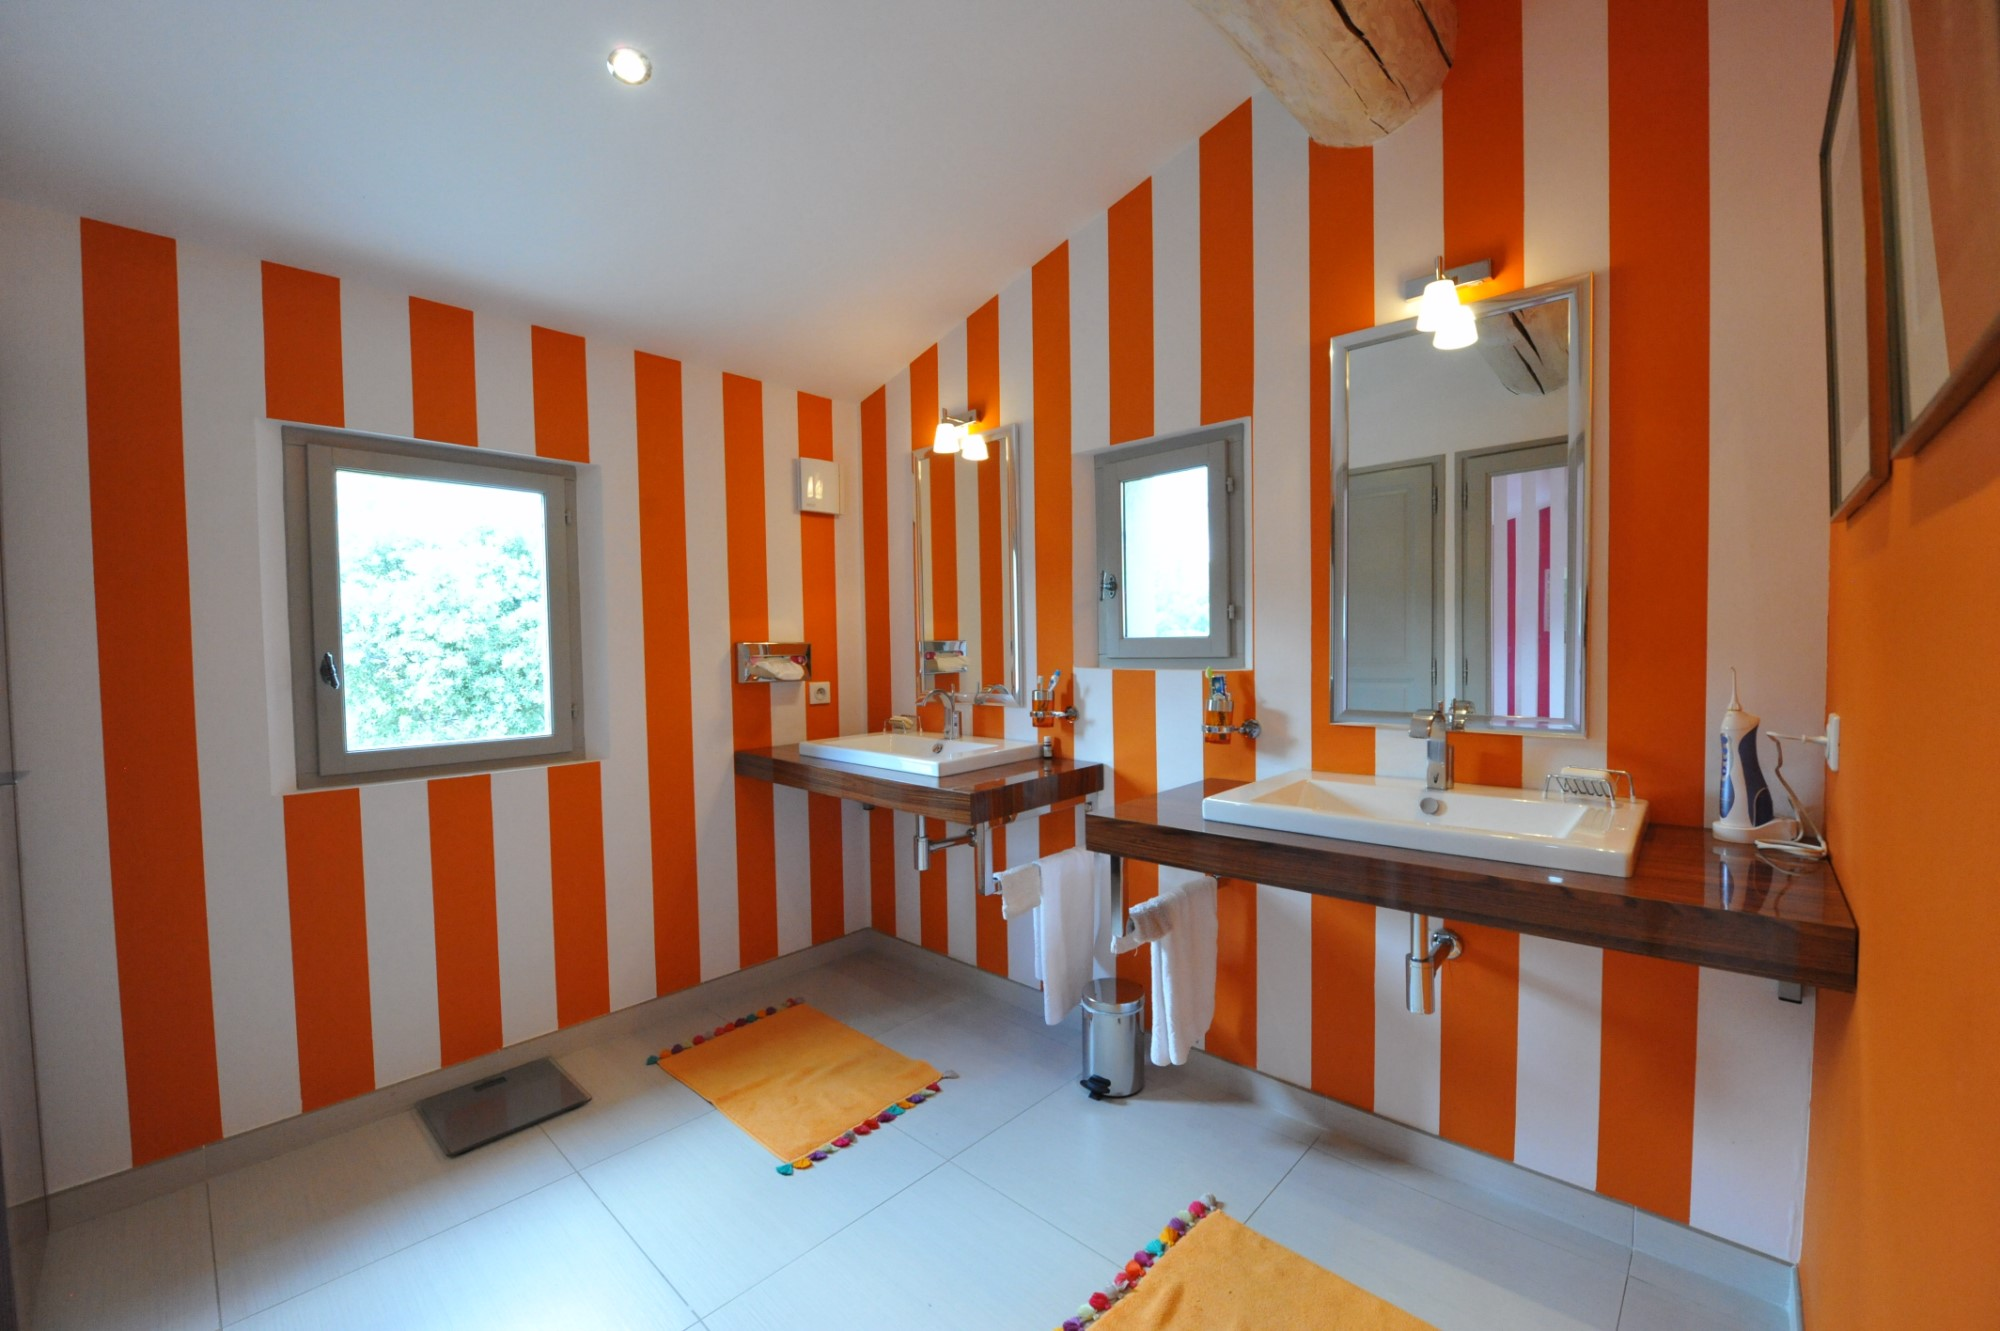 A vendre,  en Luberon, superbe propriété contemporaine sur environ 2 hectares face au Luberon